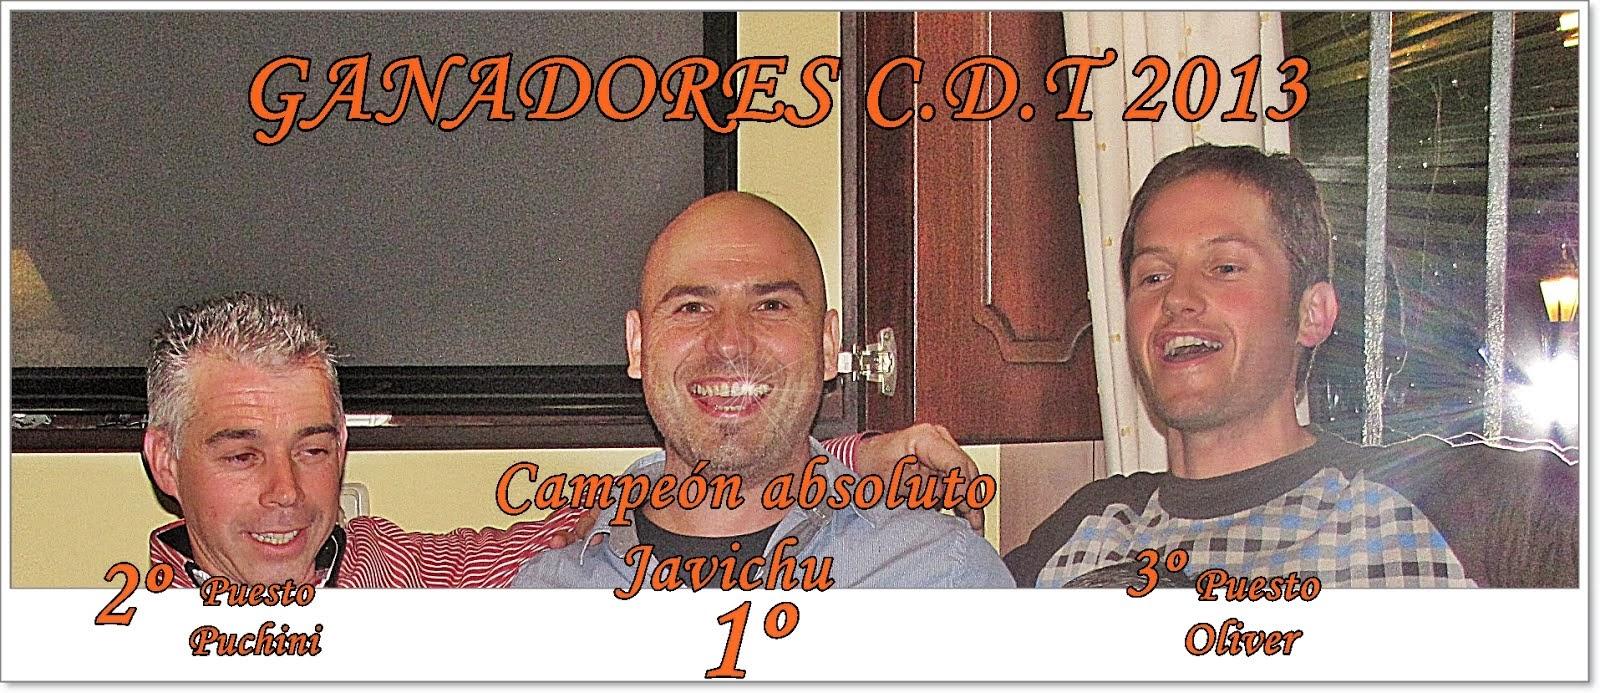 Ganadores CDT 2013